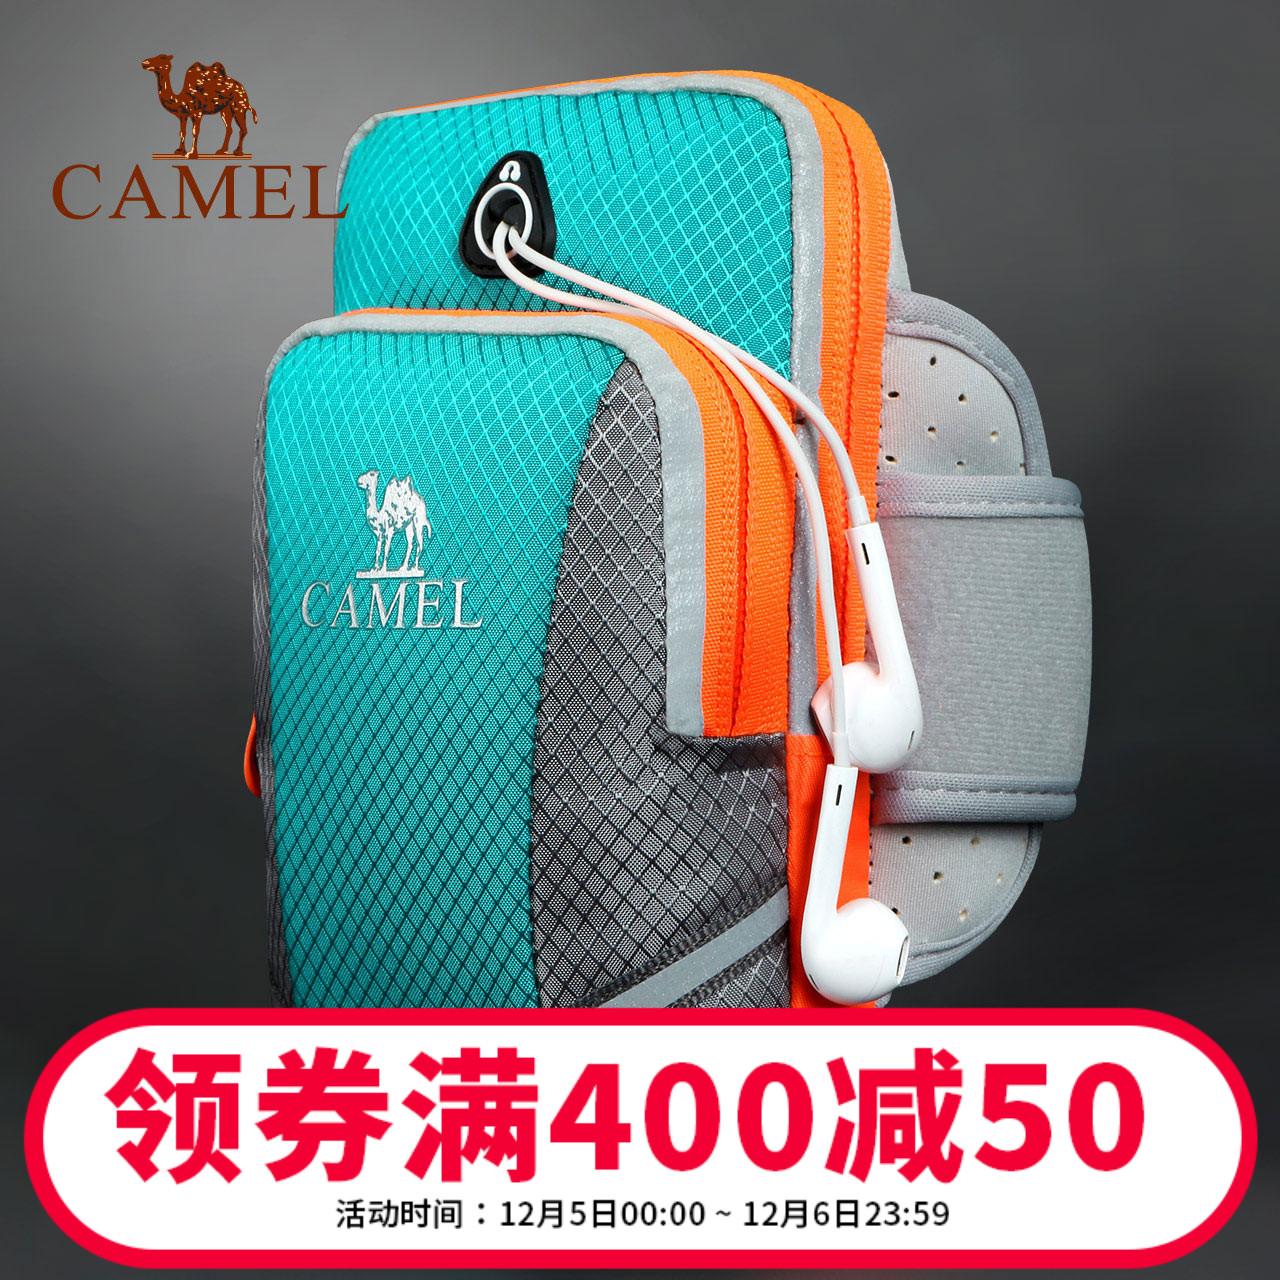 【热销6万】骆驼跑步手机臂包 男女款户外健身手臂带运动手机臂套